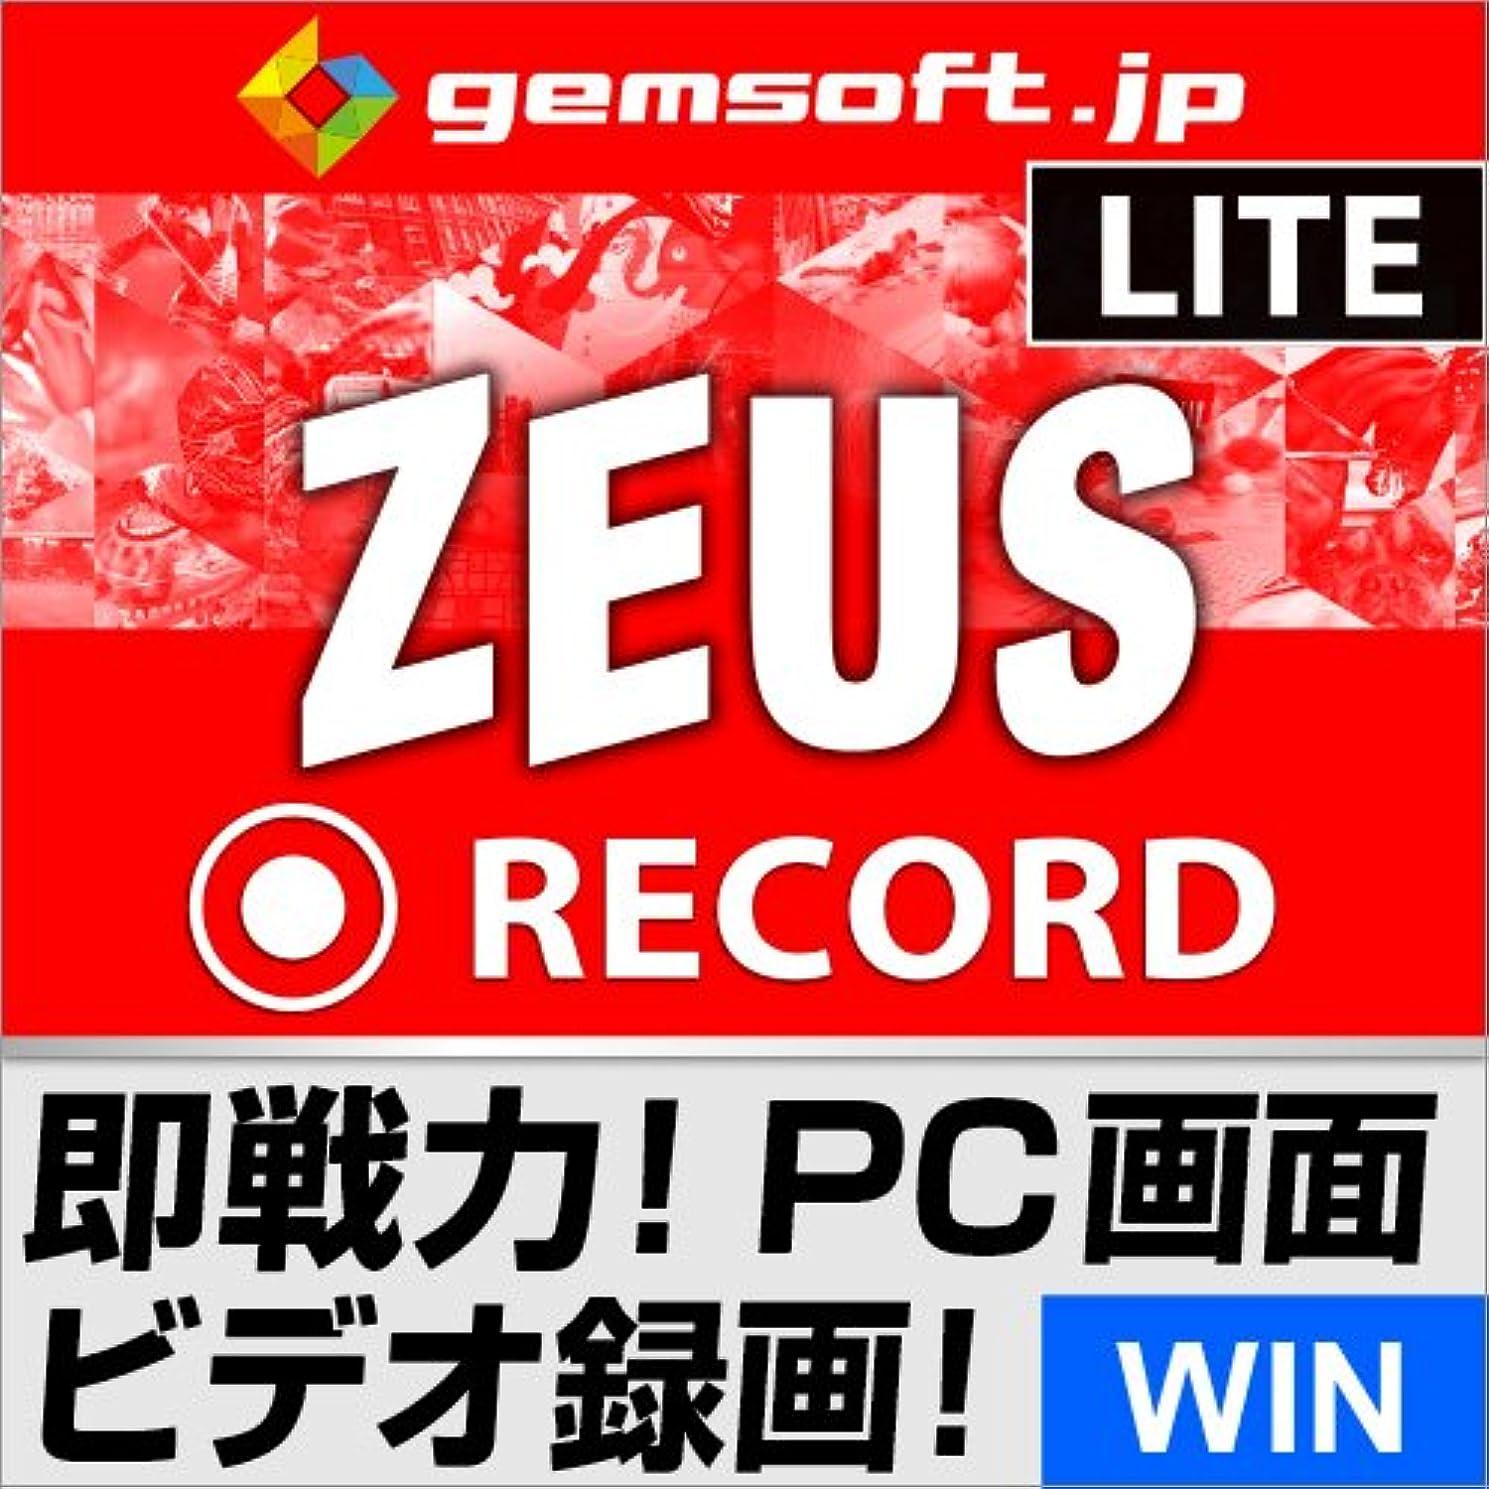 神秘光景こどもの日ZEUS RECORD LITE 録画の即戦力 ~PC画面を録画?録音 Windows版|ダウンロード版